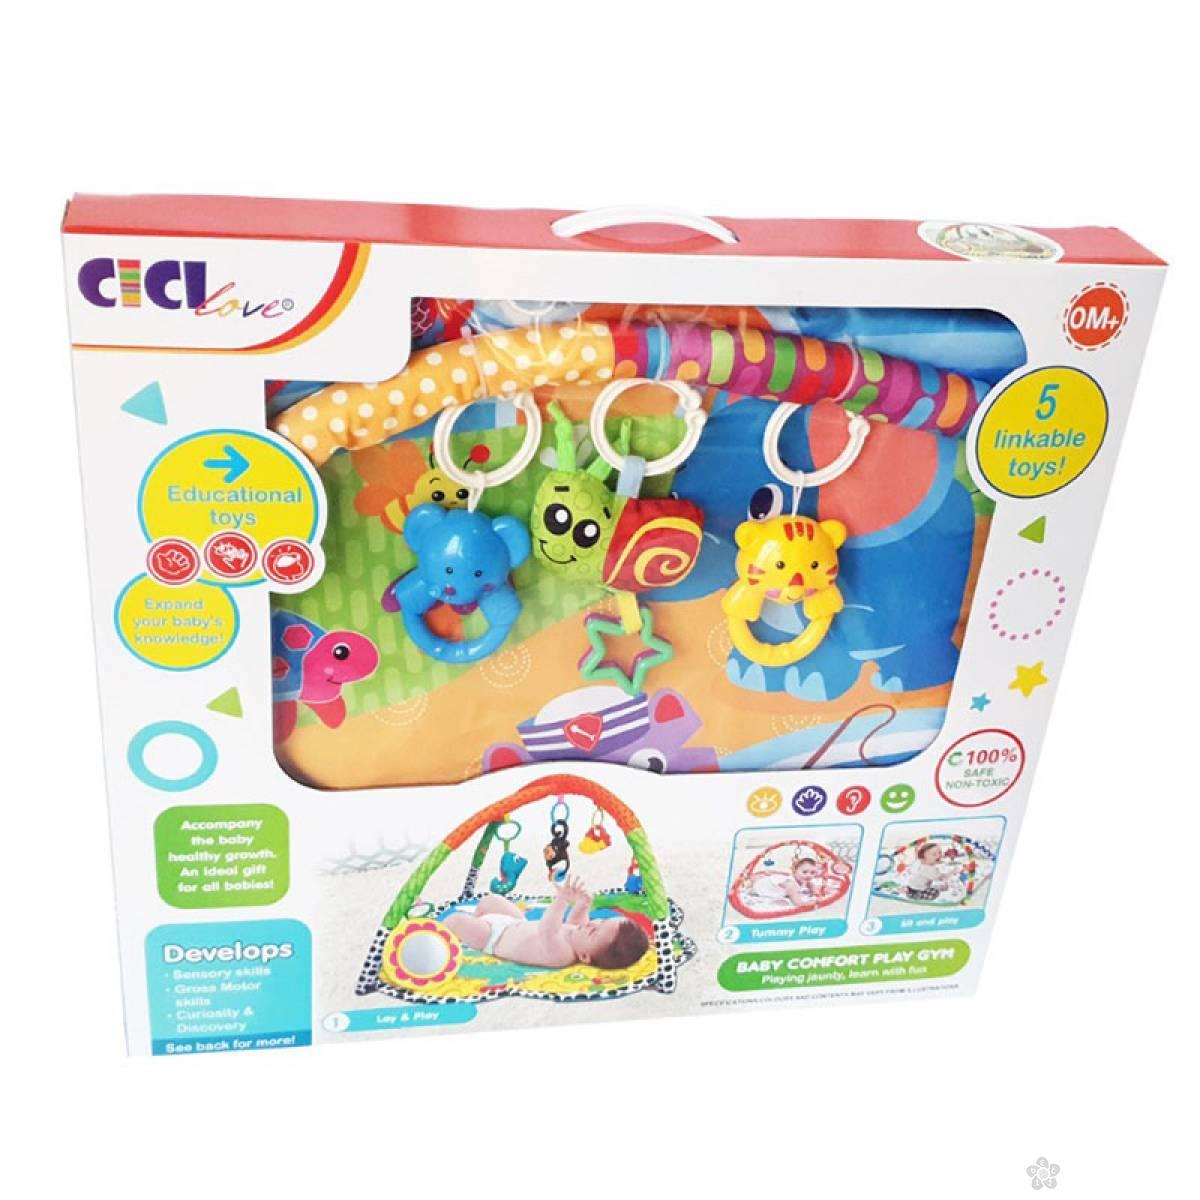 Baby podloga za igru CC8642